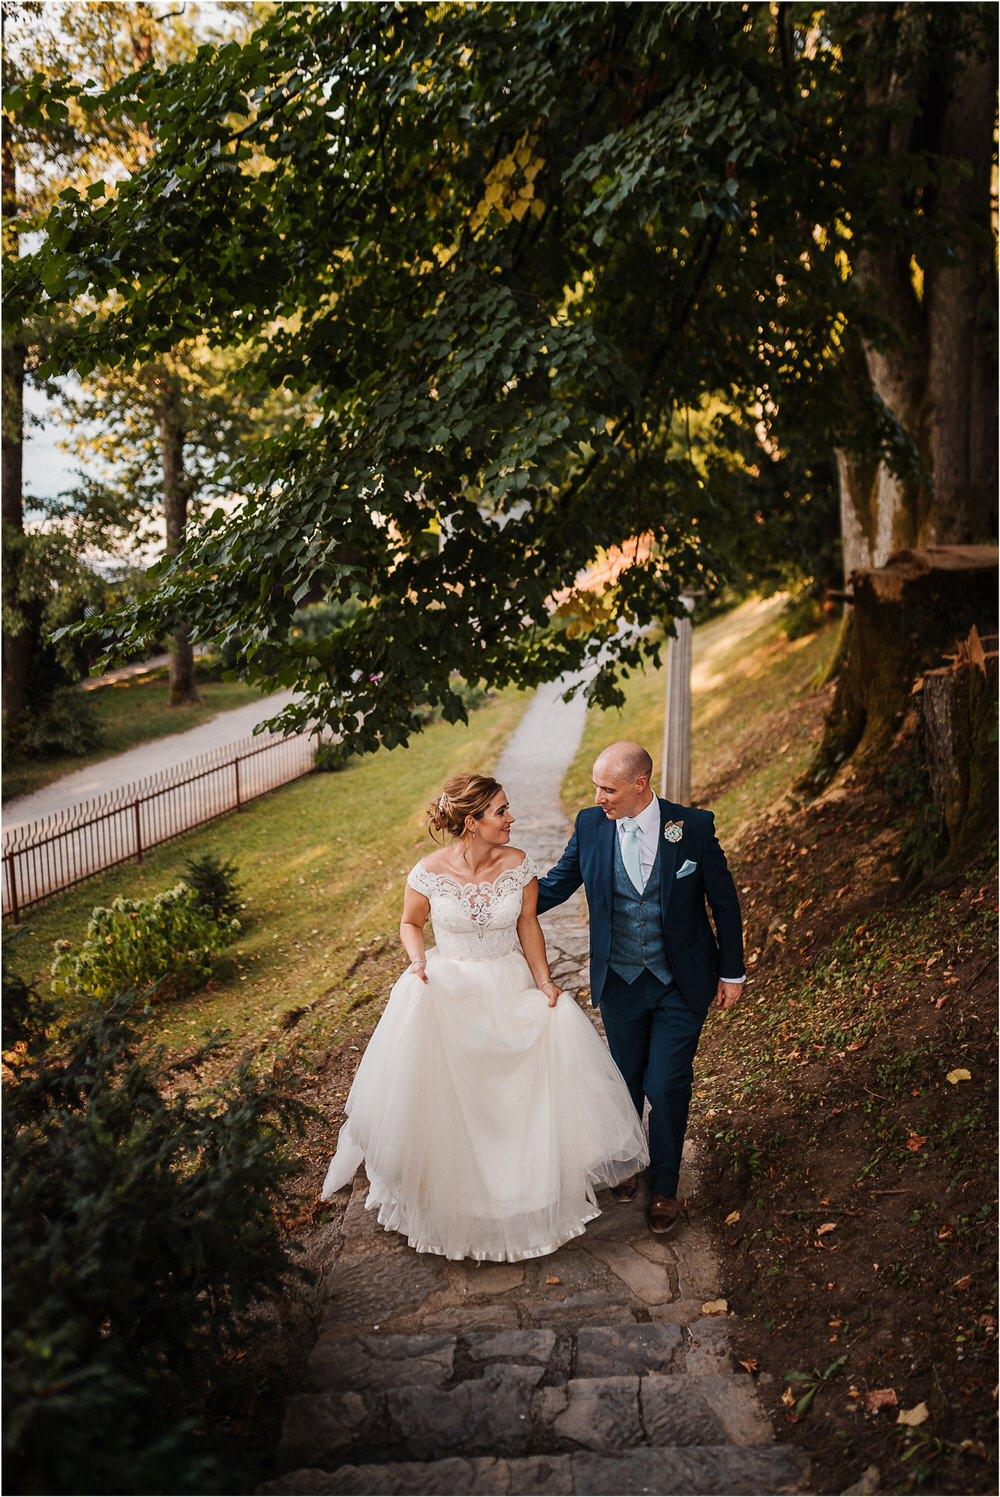 bled castle wedding poroka blejsko jezero jezersek adventure themed destination wedding photographer lake bled 0075.jpg